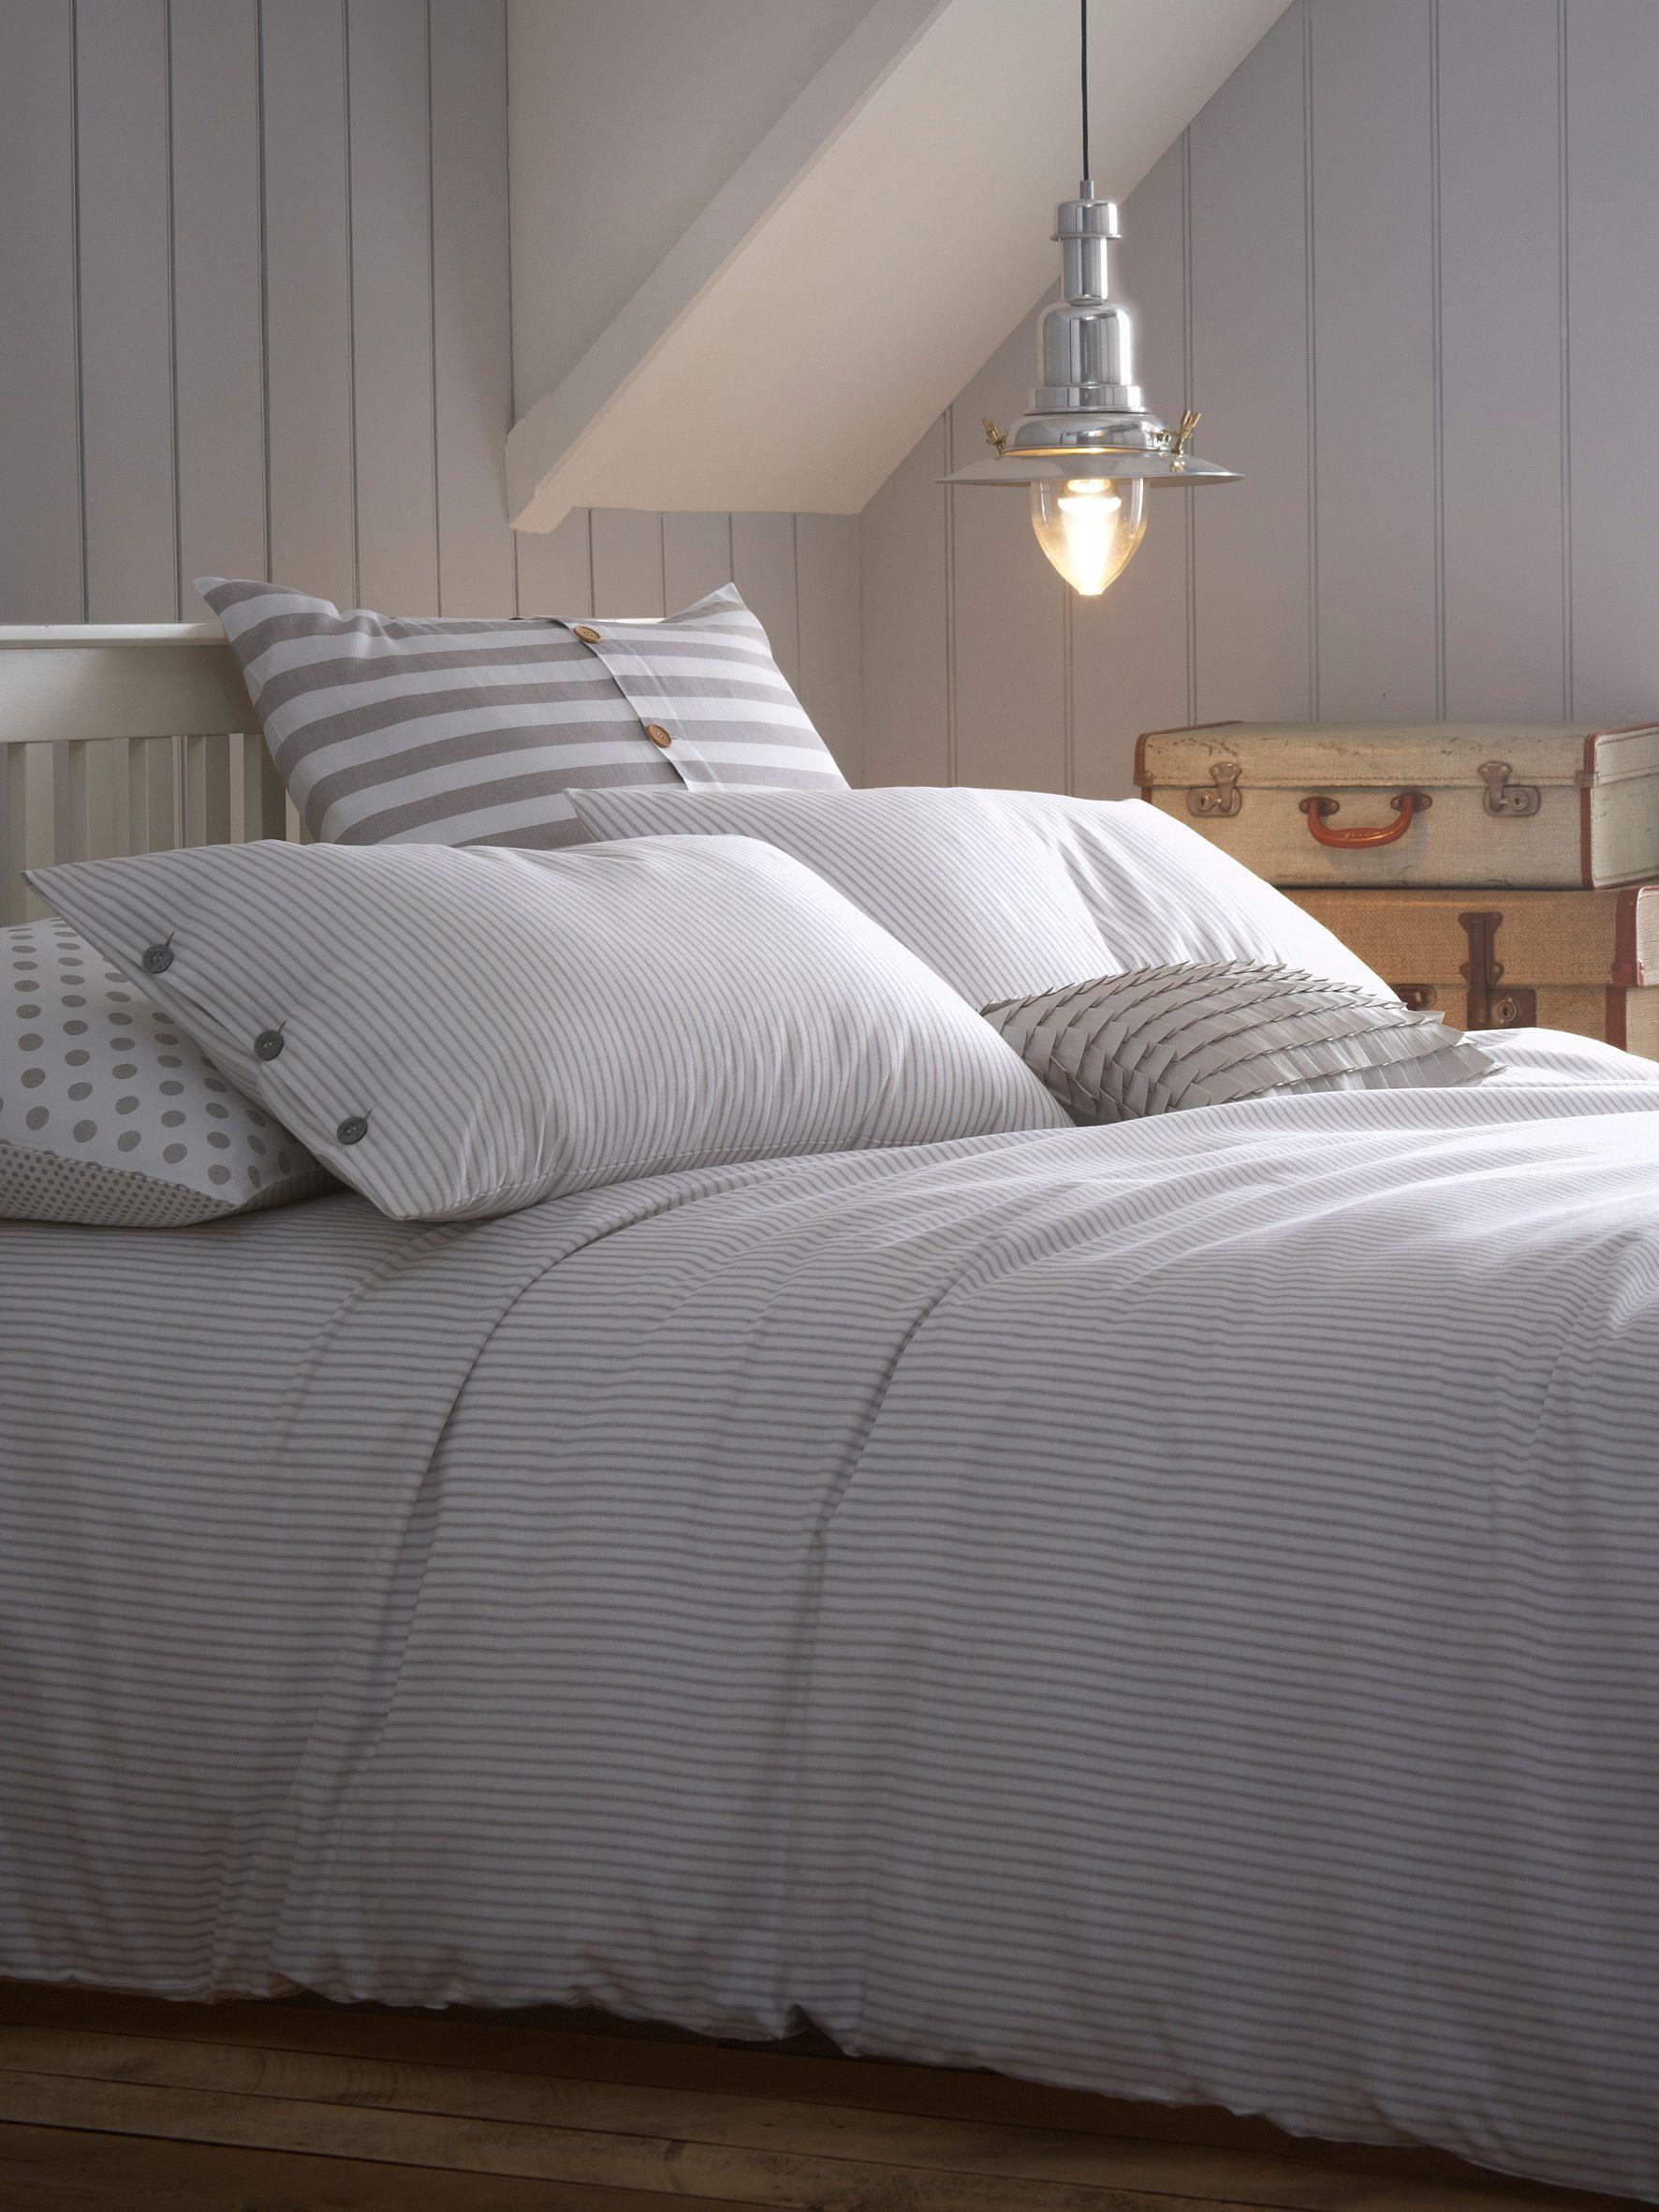 ticking bed linen